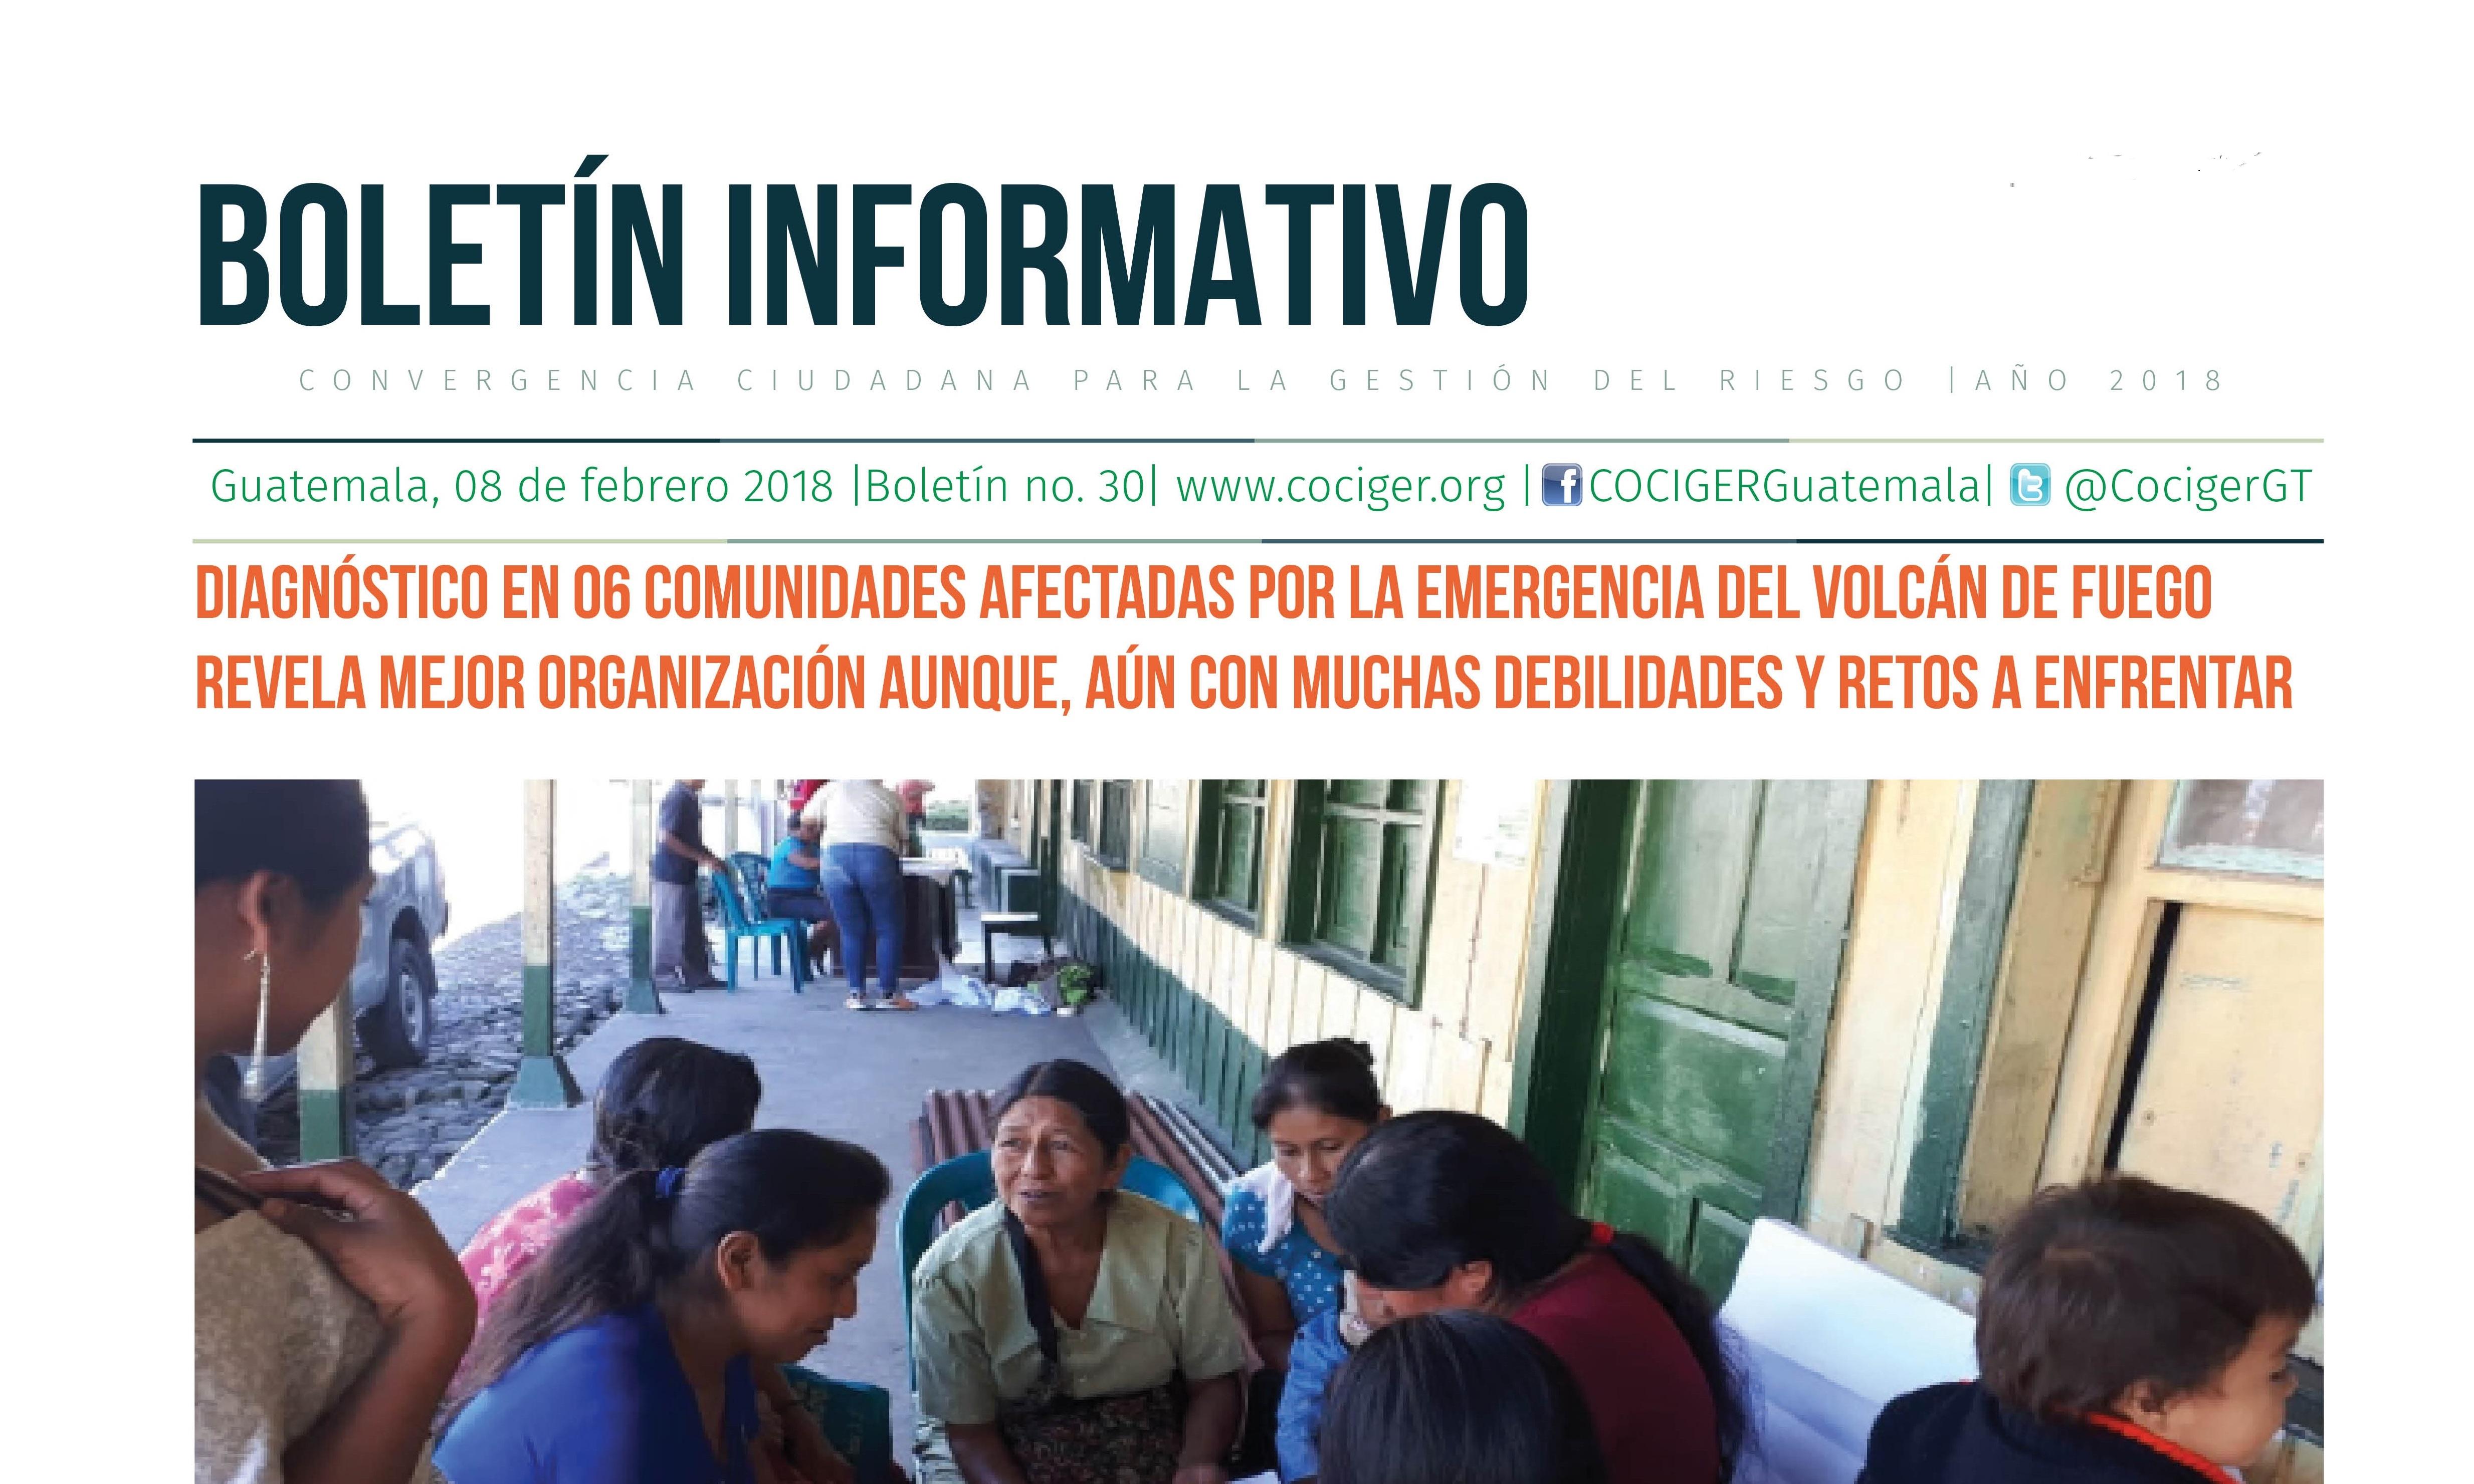 Diagnóstico en 06 comunidades afectadas por la emergencia del volcán de Fuego